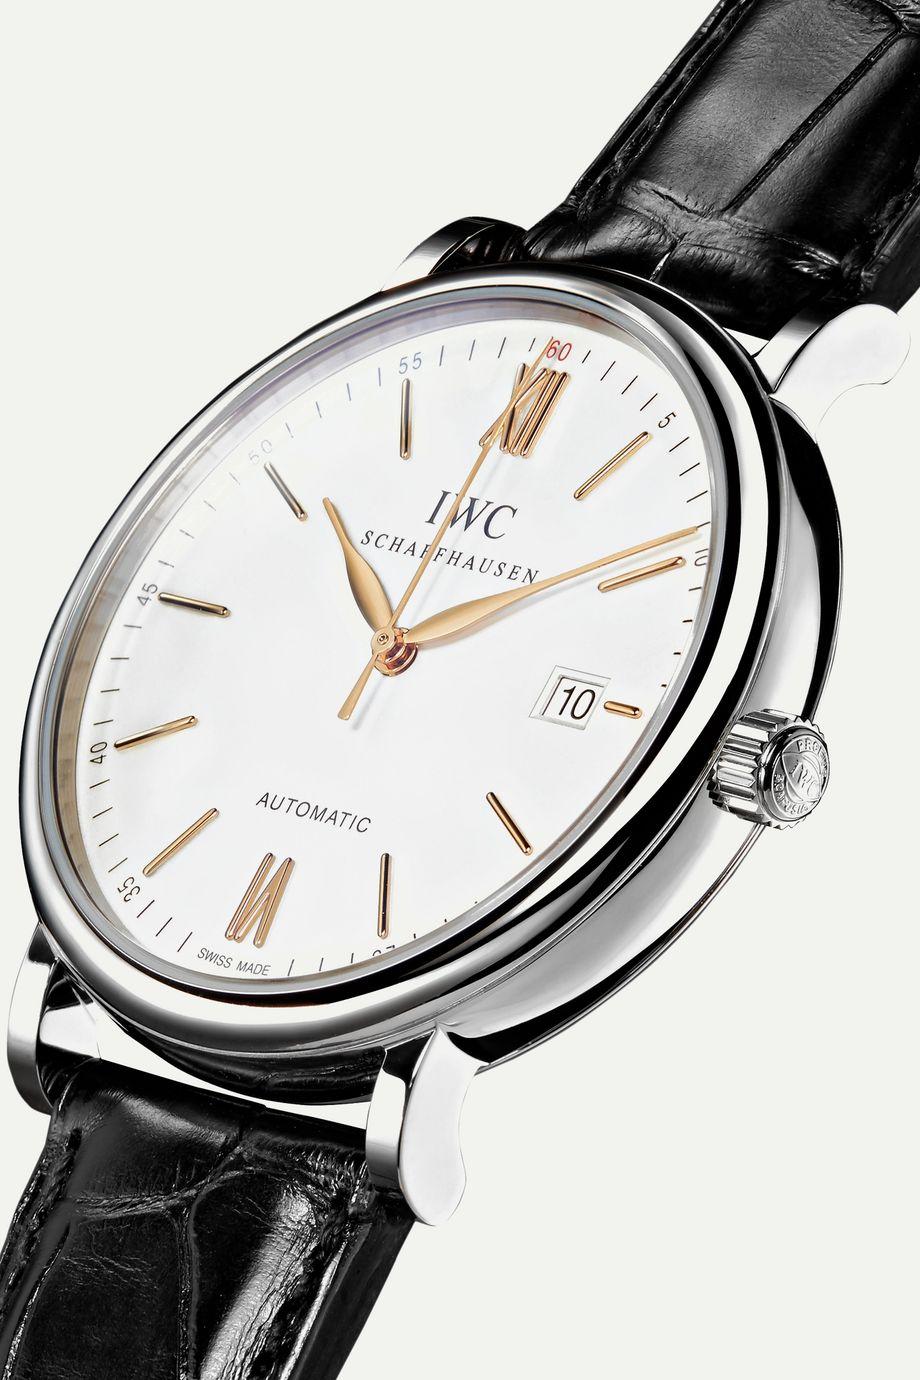 IWC SCHAFFHAUSEN Portofino Automatic 40mm stainless steel and alligator watch